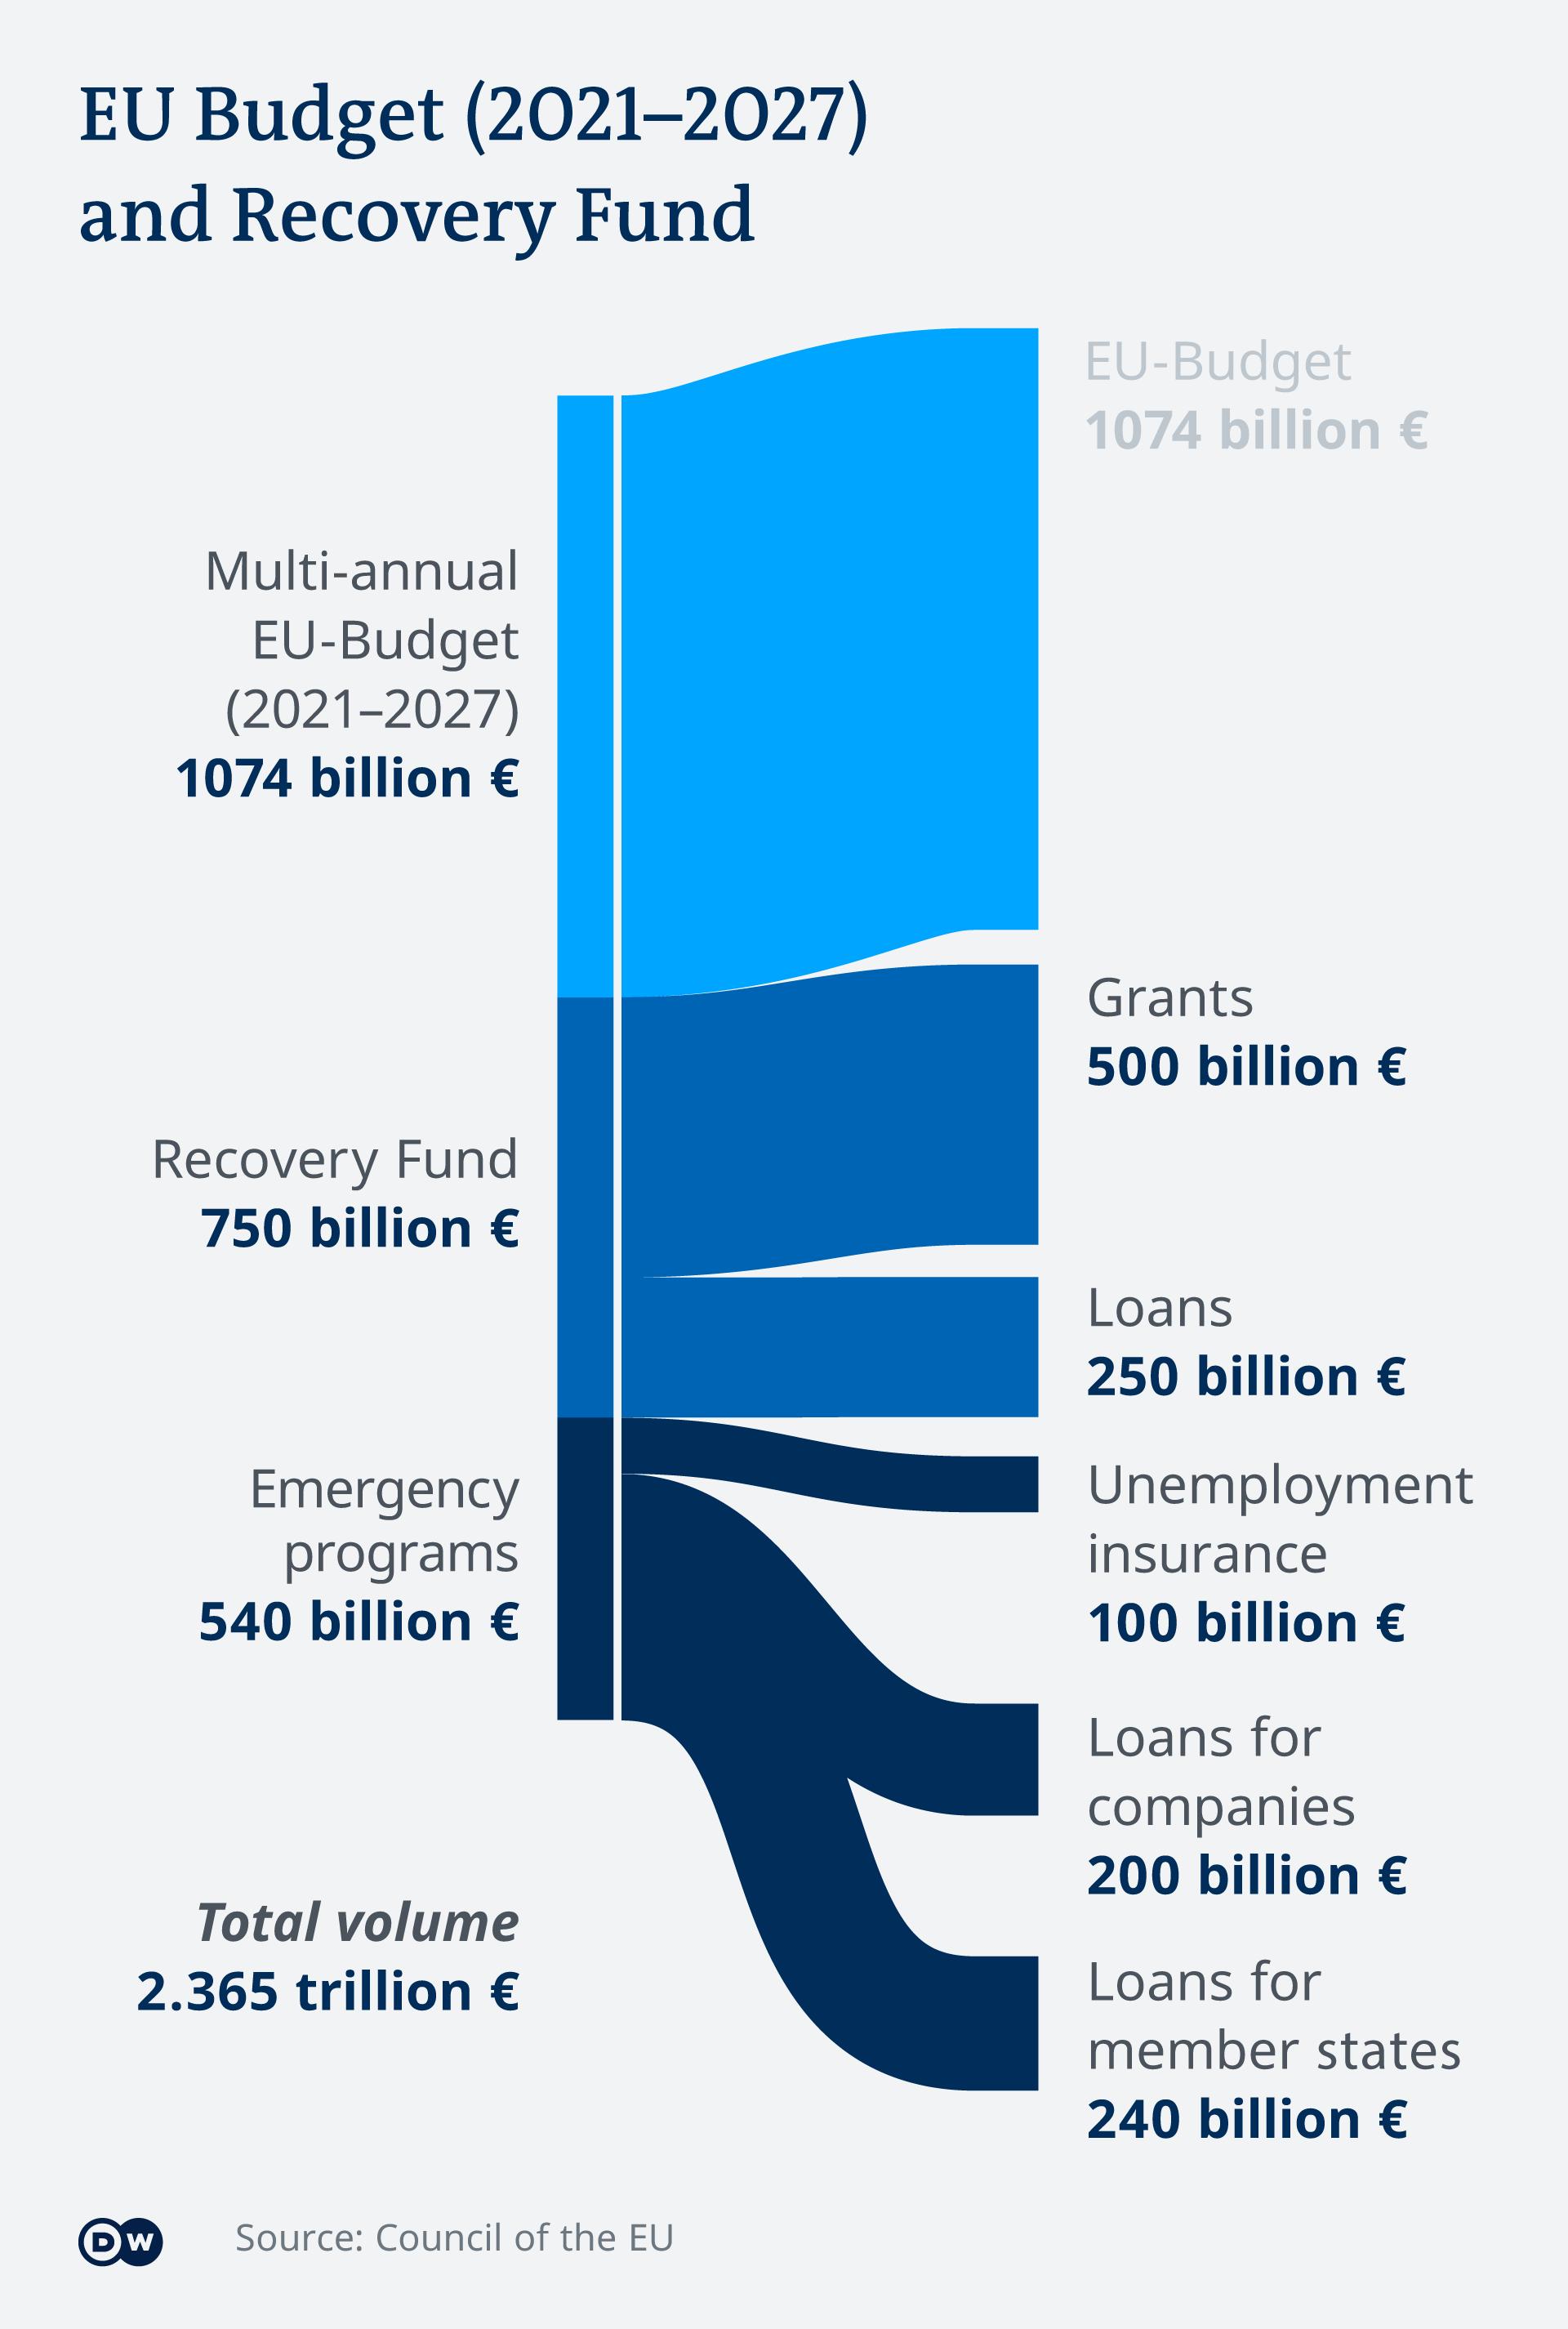 Πολυετές Δημοσιονομικό Πλαίσιο και Ταμείο Ανάκαμψης: Πώς μοιράζονται τα χρήματα